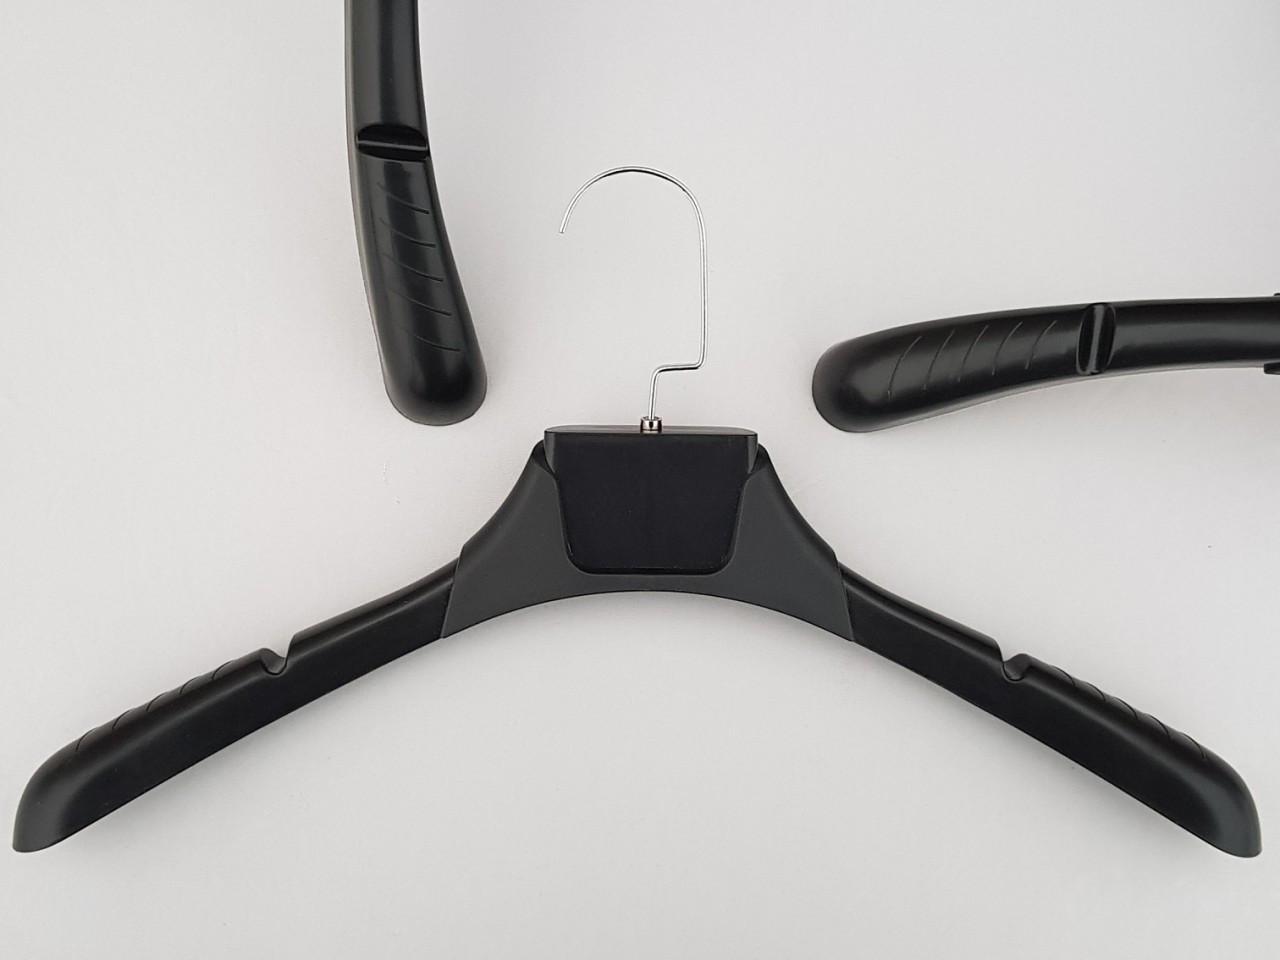 Длина 43,5 см. Плечики вешалки пластмассовые TZ8822 с антискользящим ребристым плечом черного цвета